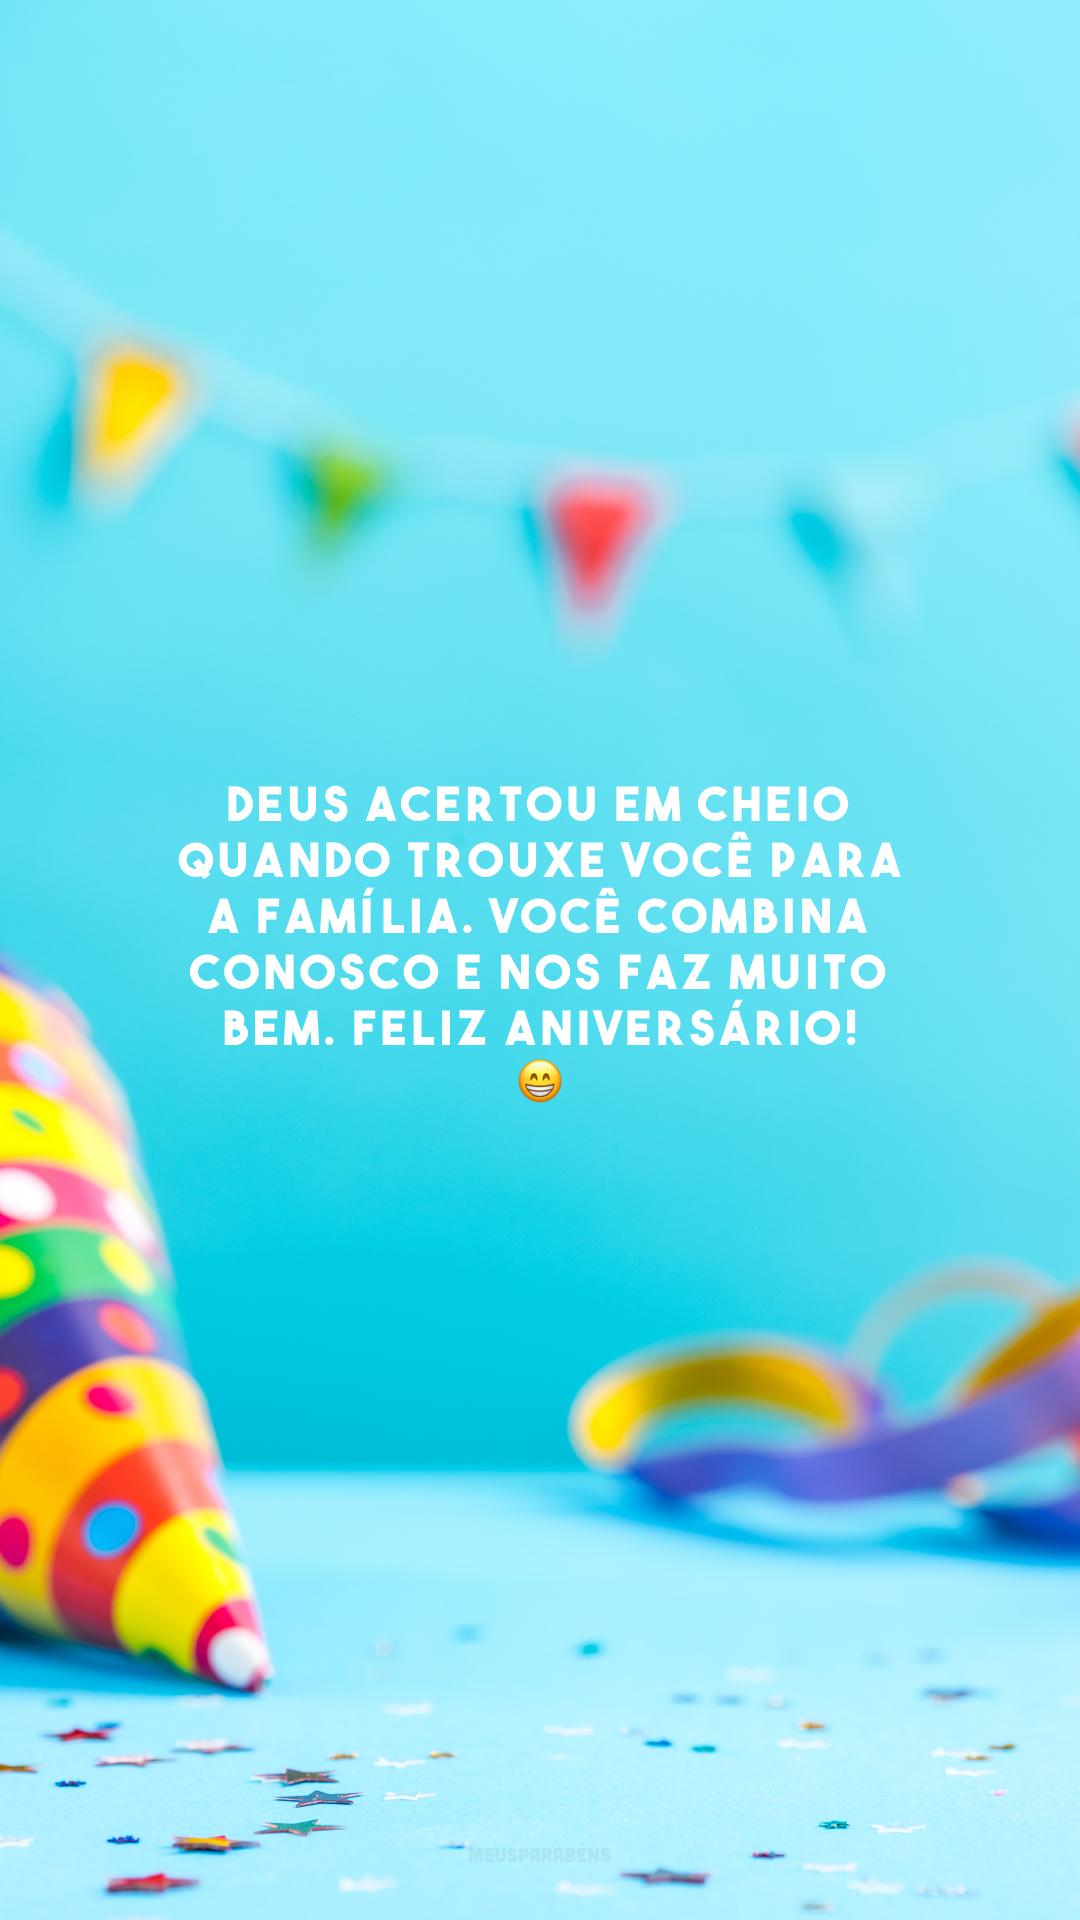 Deus acertou em cheio quando trouxe você para a família. Você combina conosco e nos faz muito bem. Feliz aniversário! 😁